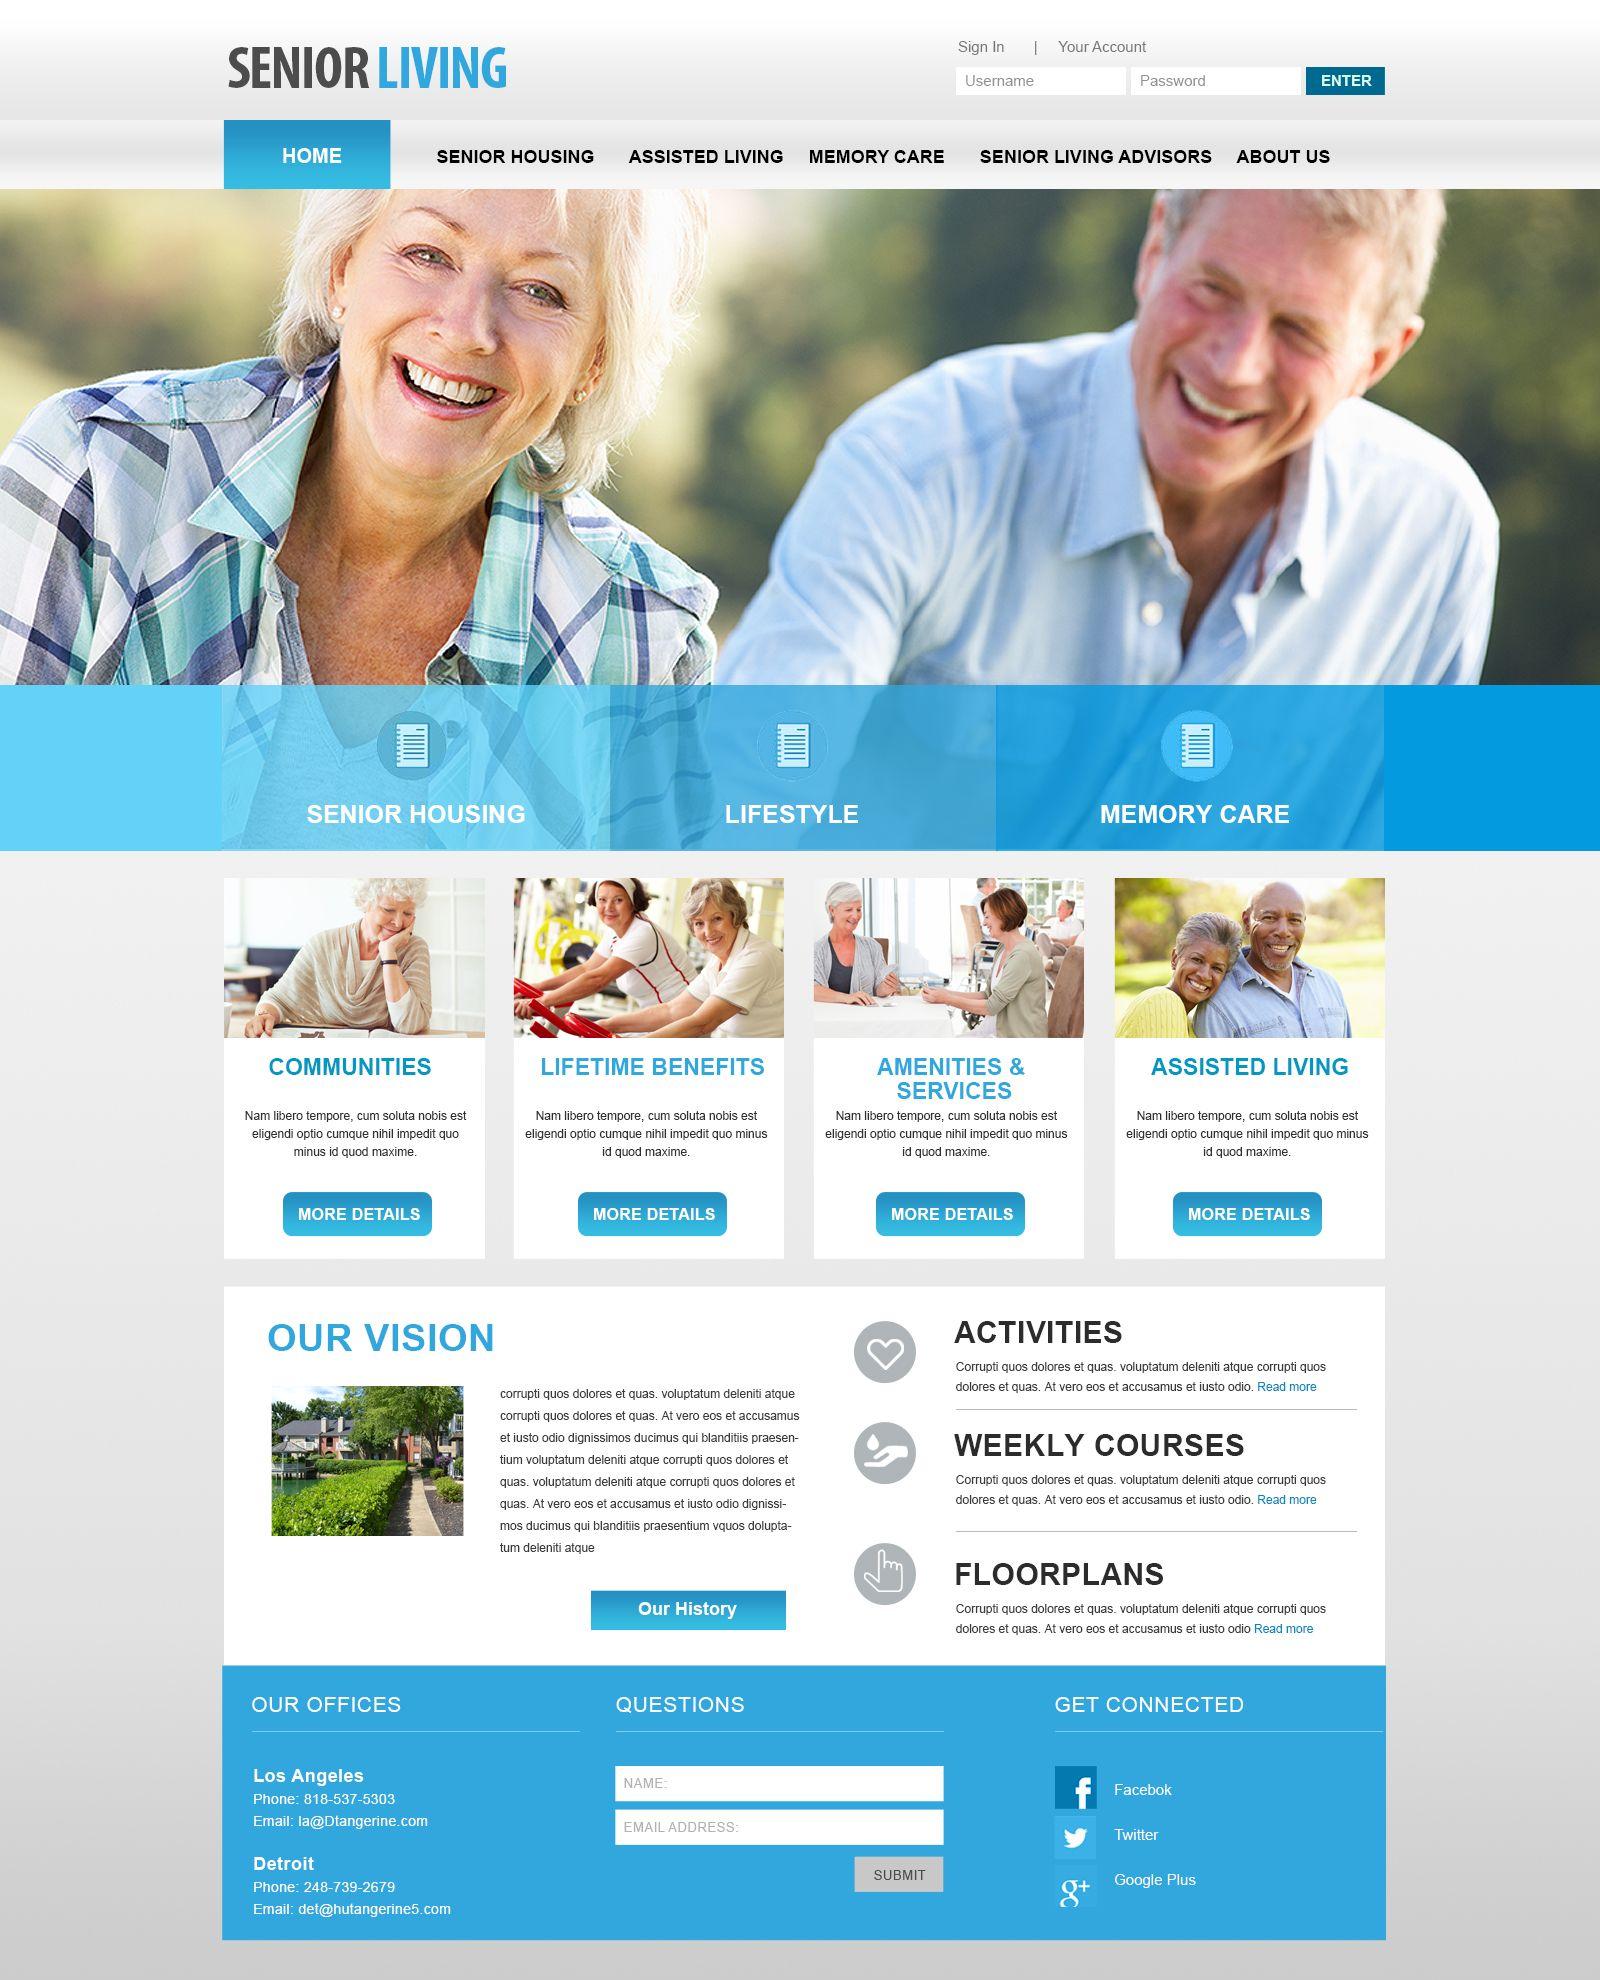 Beautiful Senior Living Websites Retirement Homes Website Design And Beautiful Senior Center Websites Onli Senior Living Website Design Senior Living Design